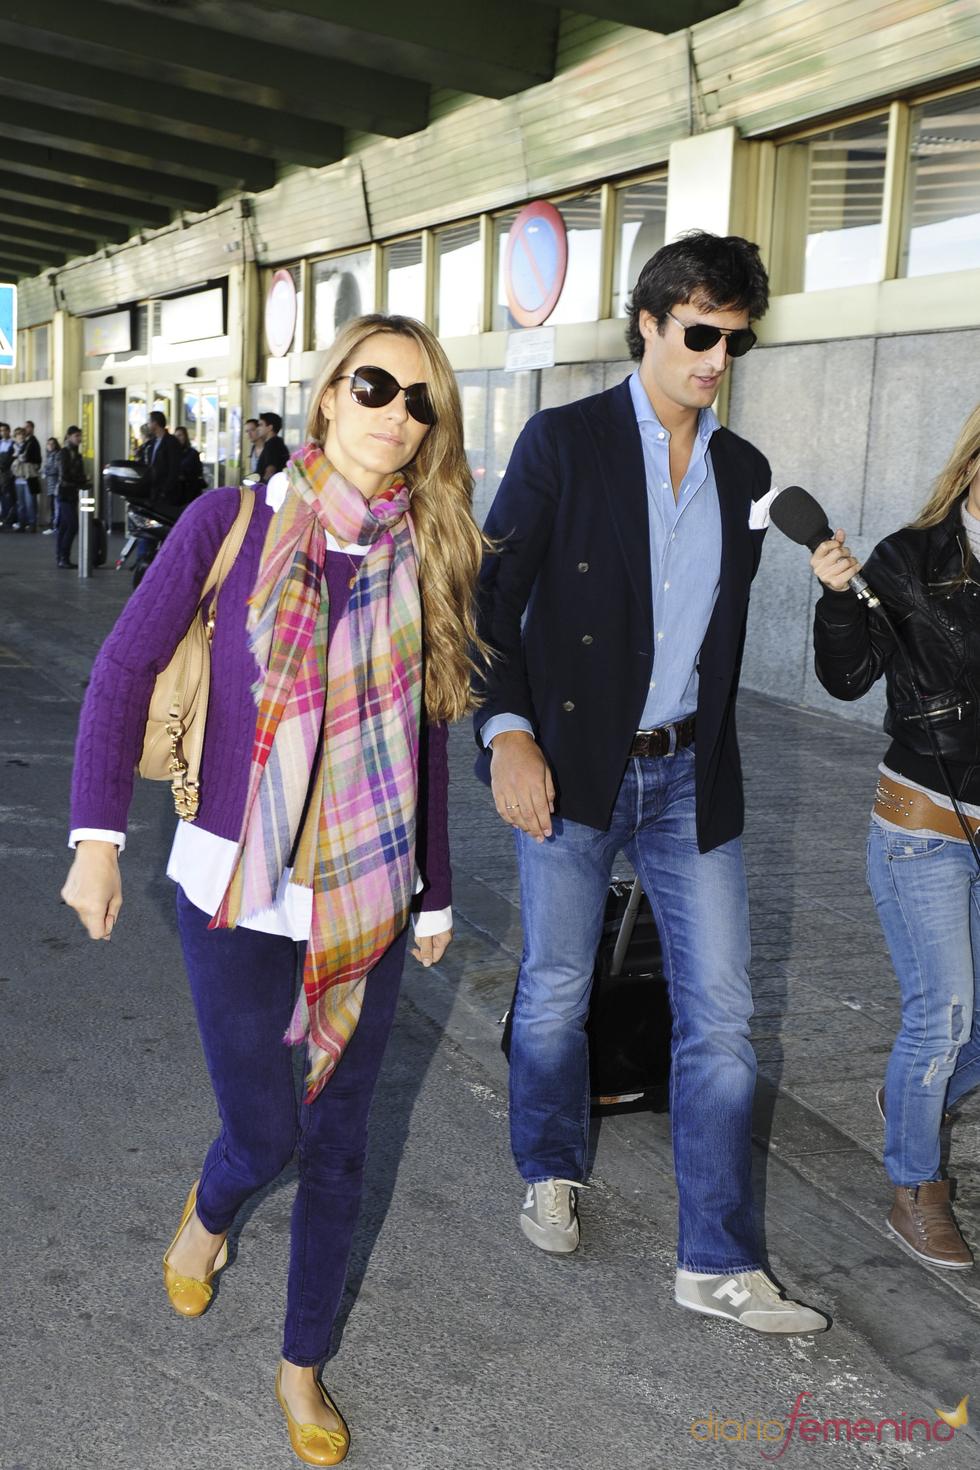 Rafael Medina y Laura Vecino se marchan de luna de miel